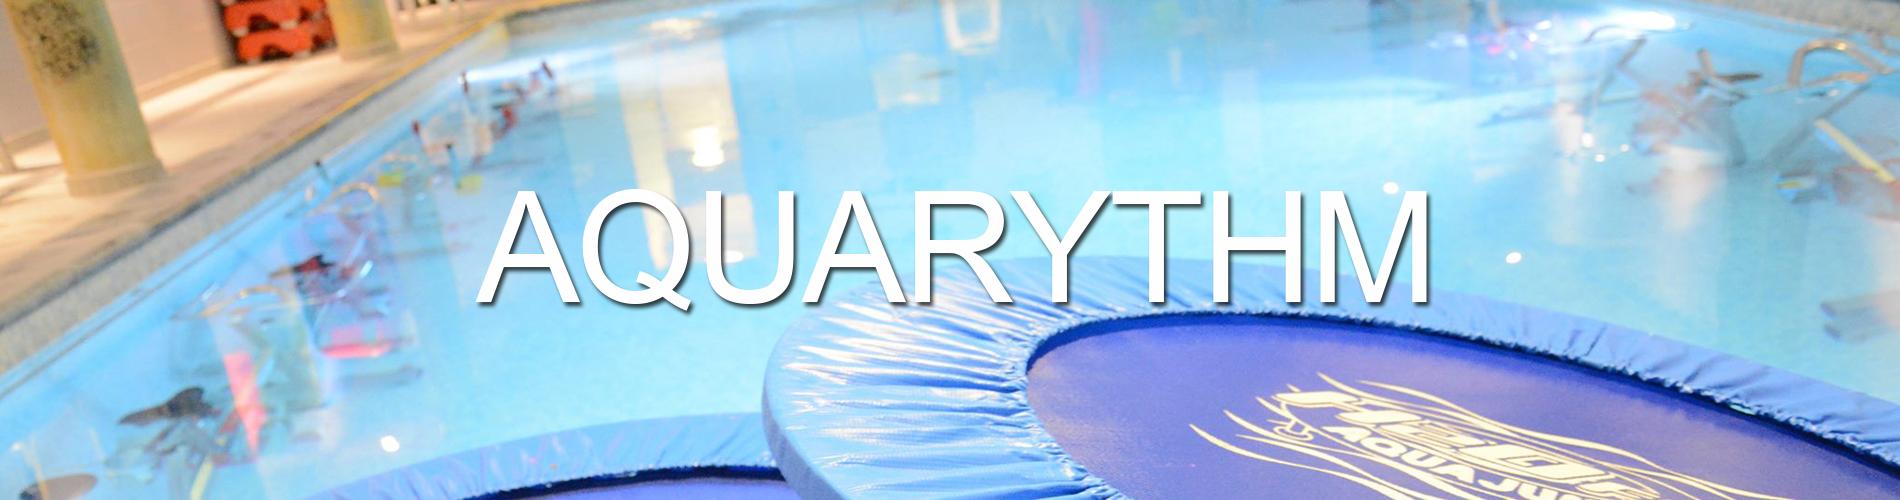 aquarythm_centrebleuazur1